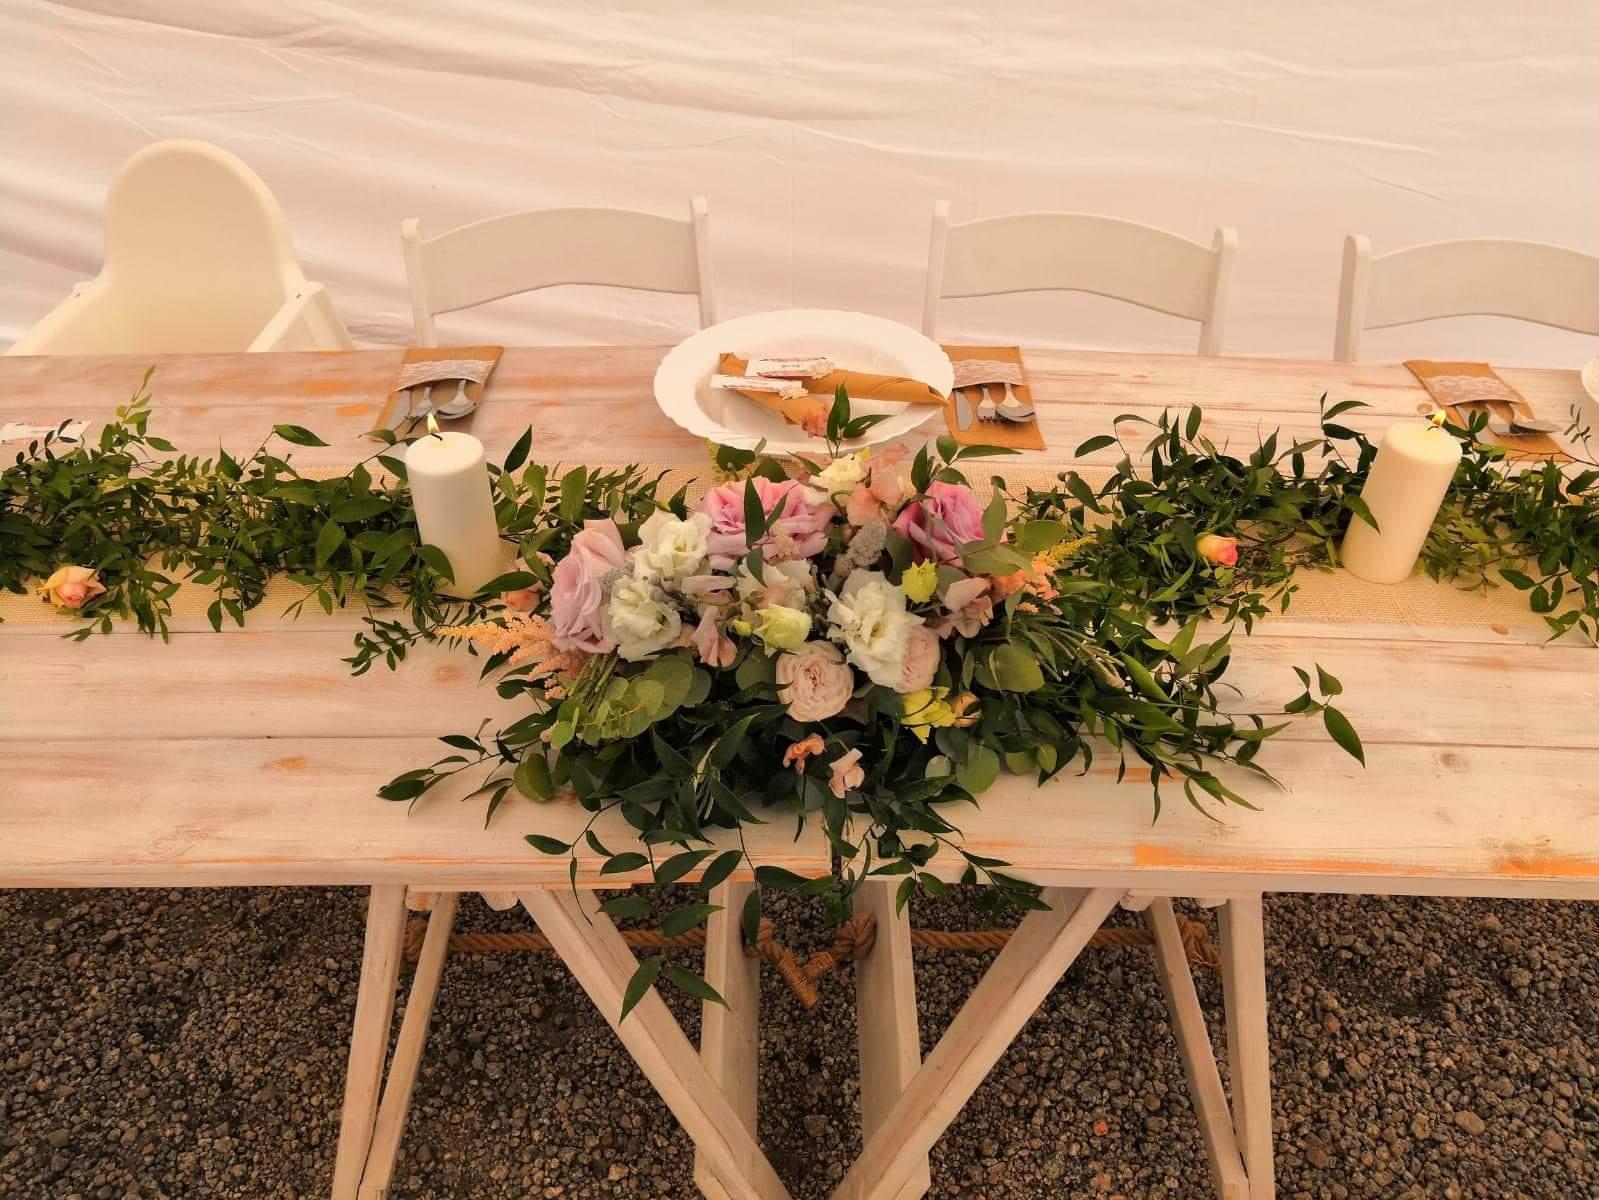 Inspirace s Vintage stoly. - Obrázek č. 2